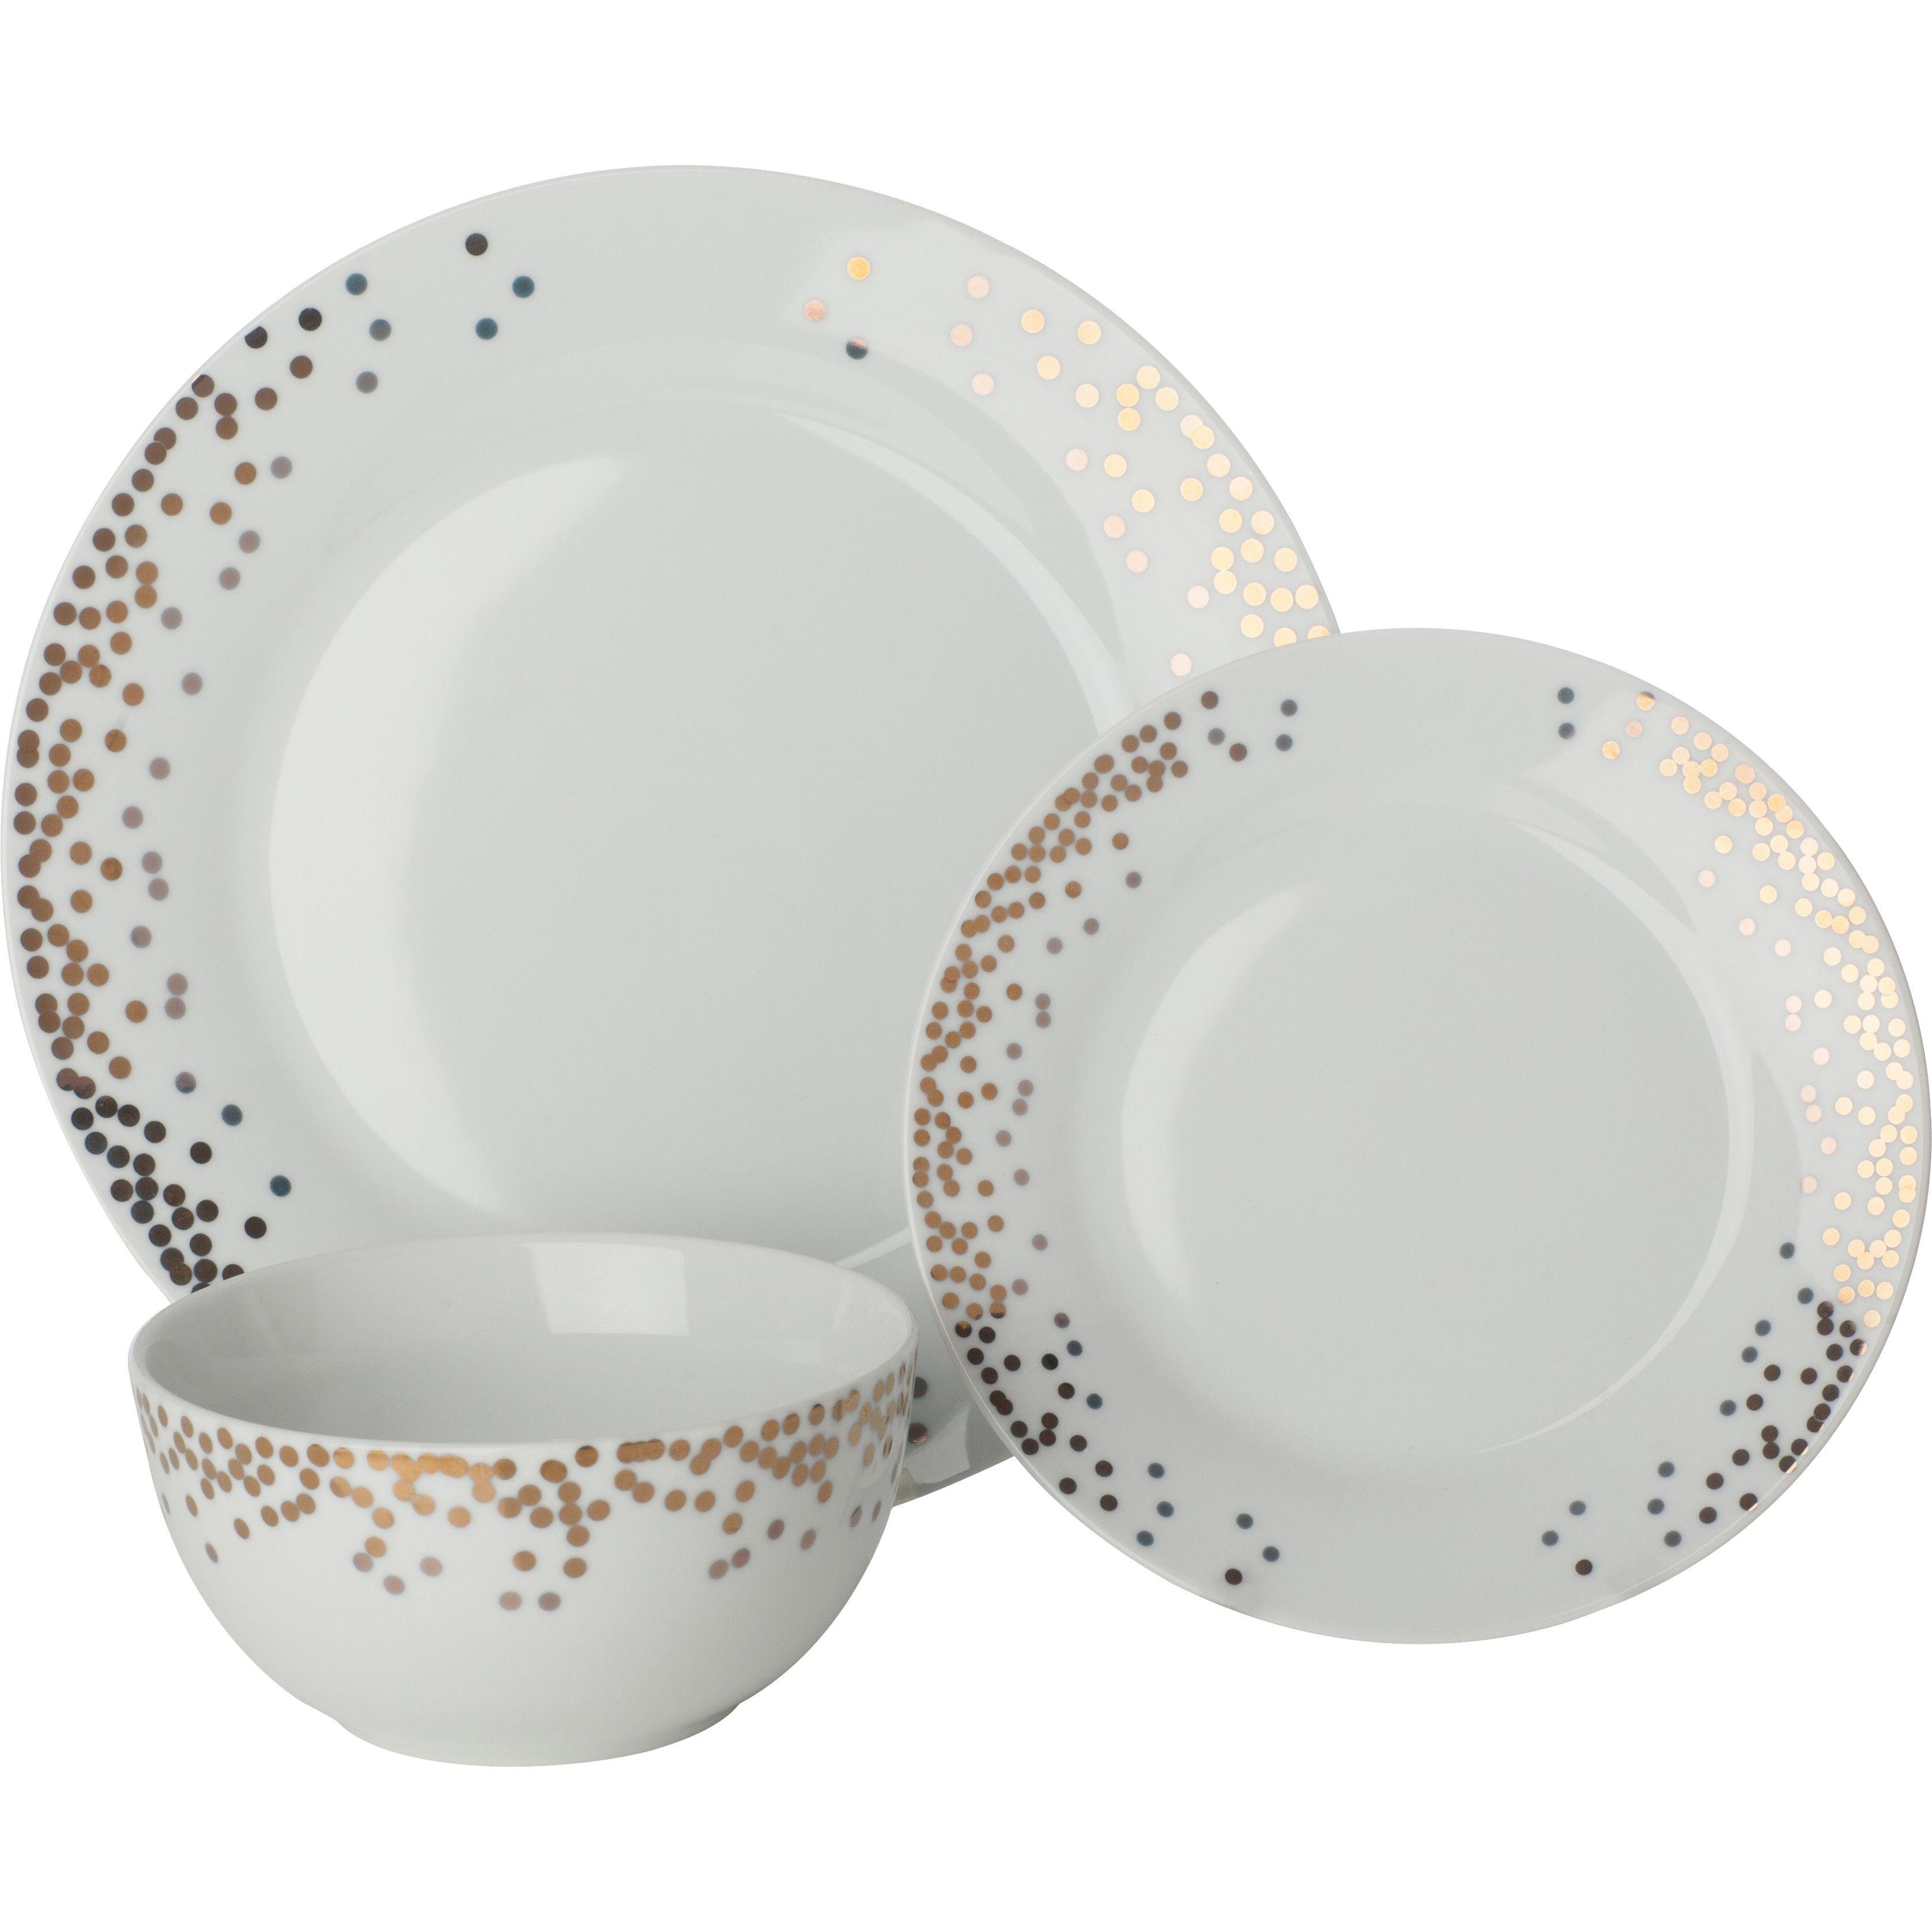 Sabichi Gatsby 12 Piece Dinnerware Set  sc 1 st  Pinterest & Sabichi Gatsby 12 Piece Dinnerware Set | dinner sets | Pinterest ...